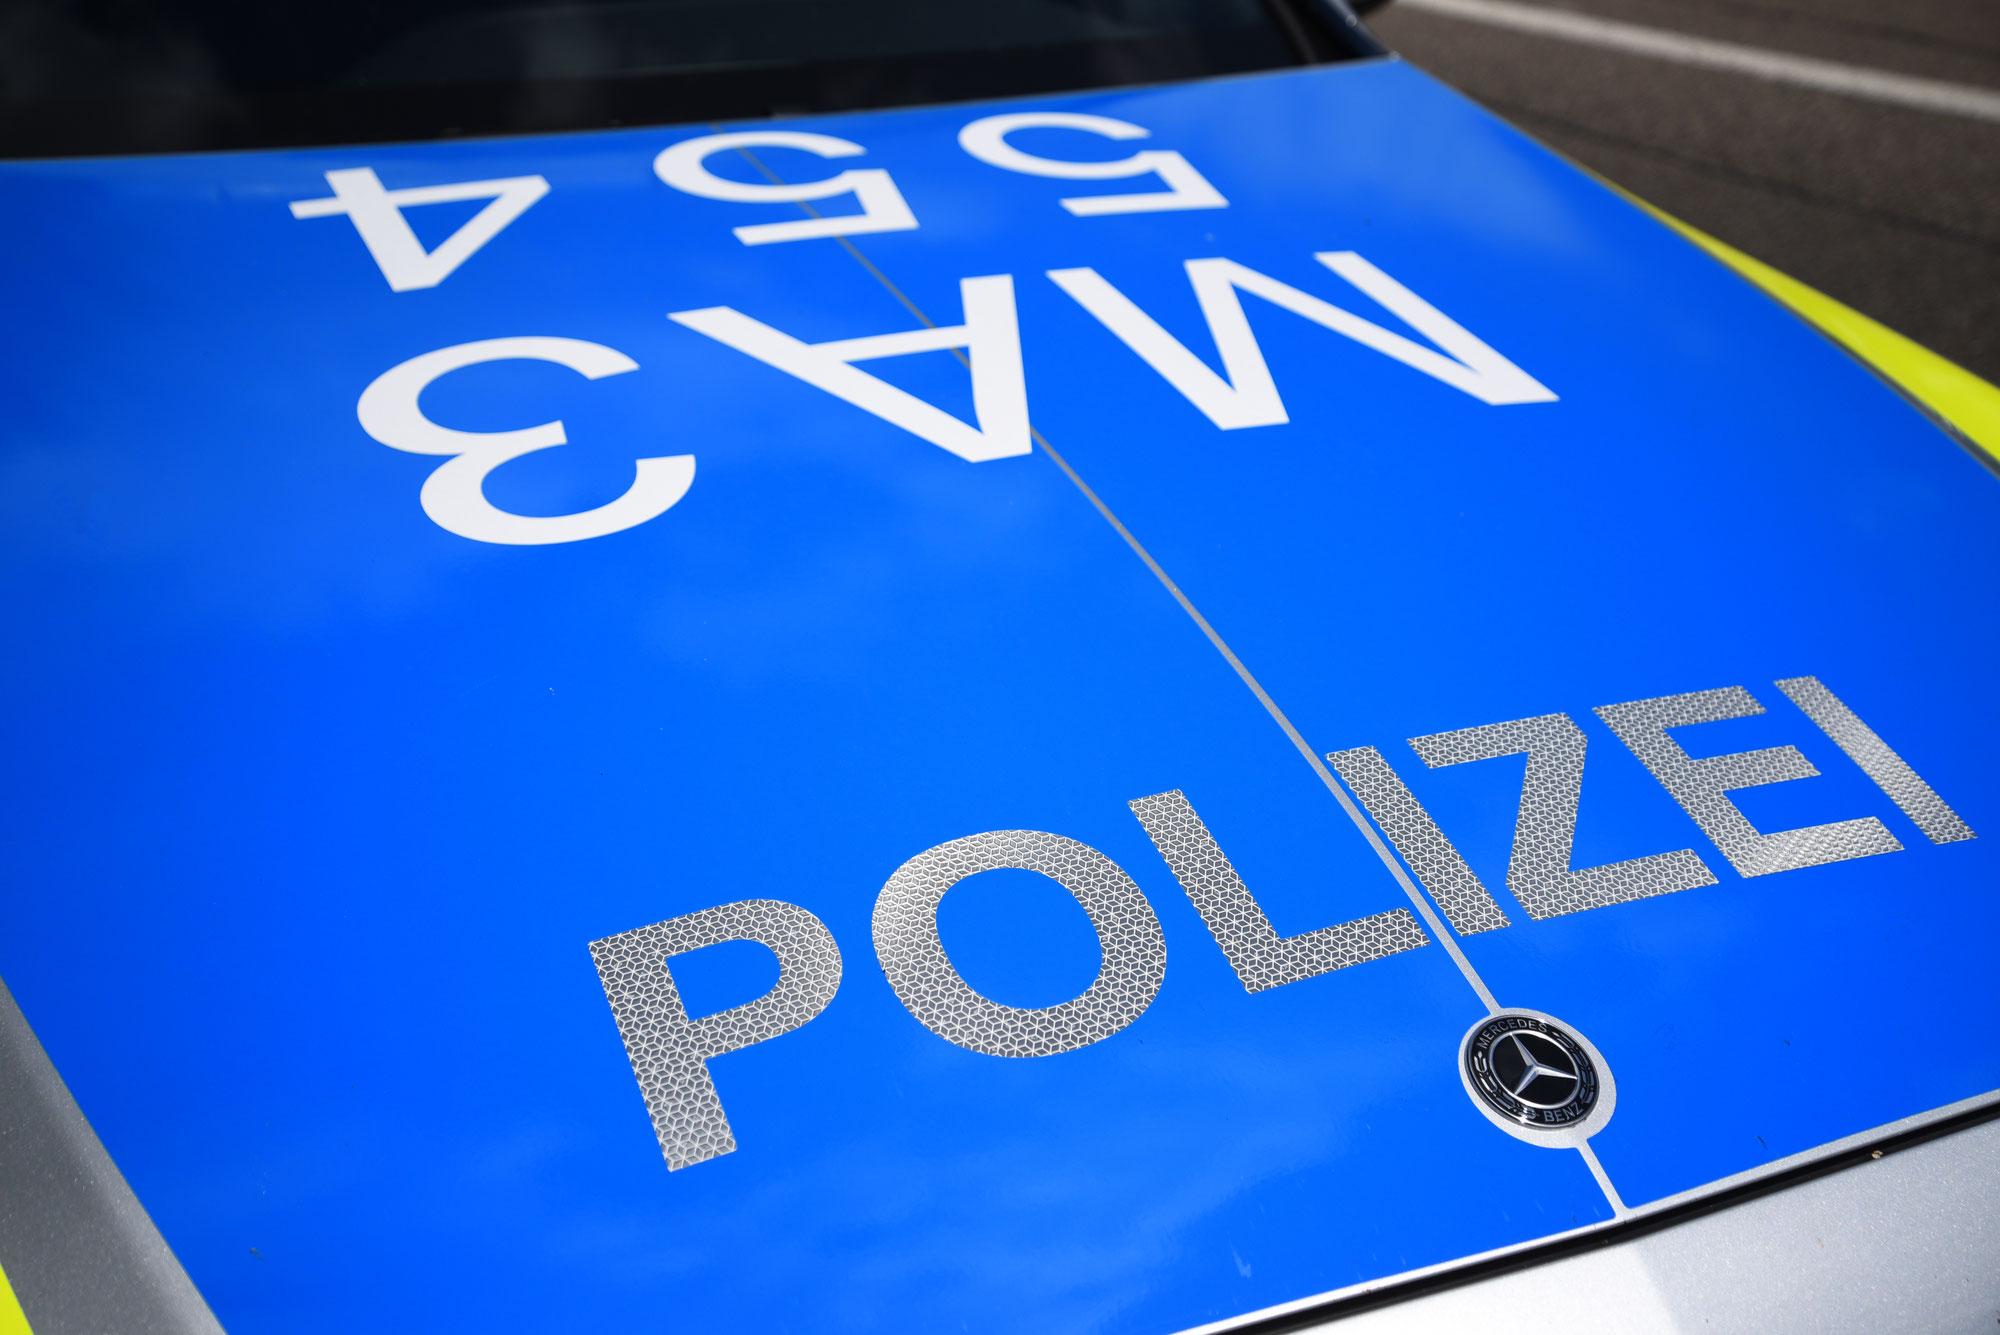 Brühl/Rhein-Neckar-Kreis: Unter Alkoholeinfluss Unfall verursacht und abgehauen